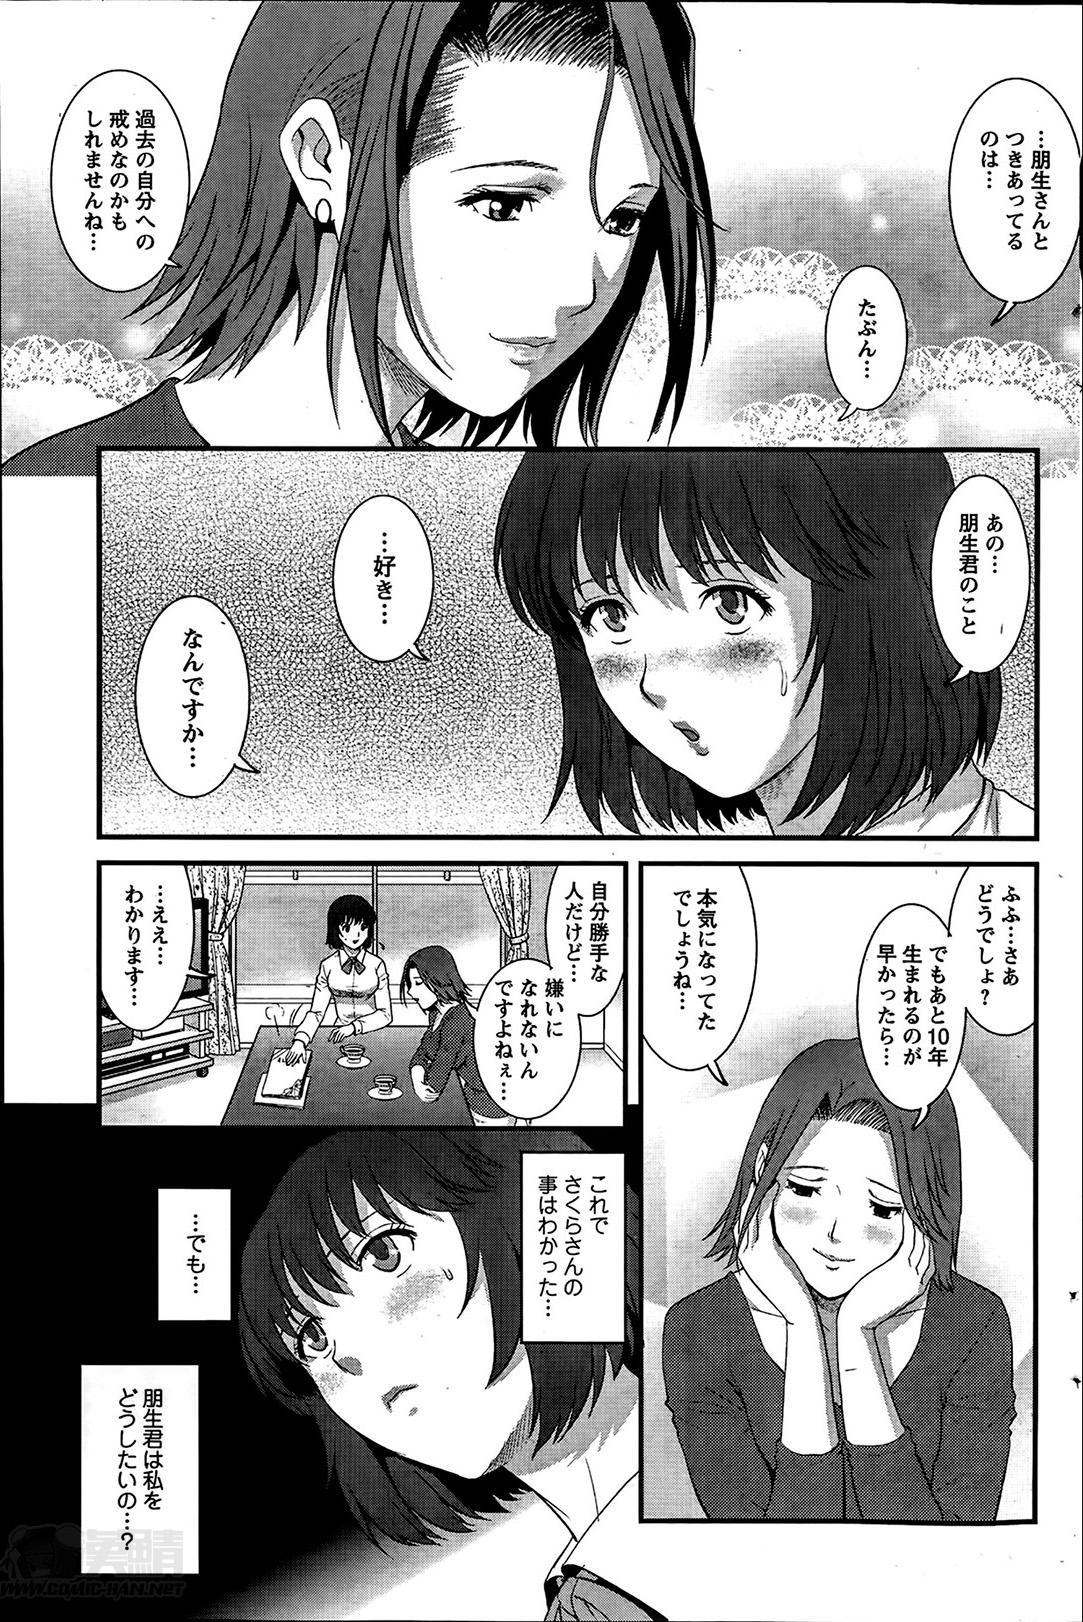 [Saigado] Hitozuma Jokyoushi Main-san Ch.01-10 130